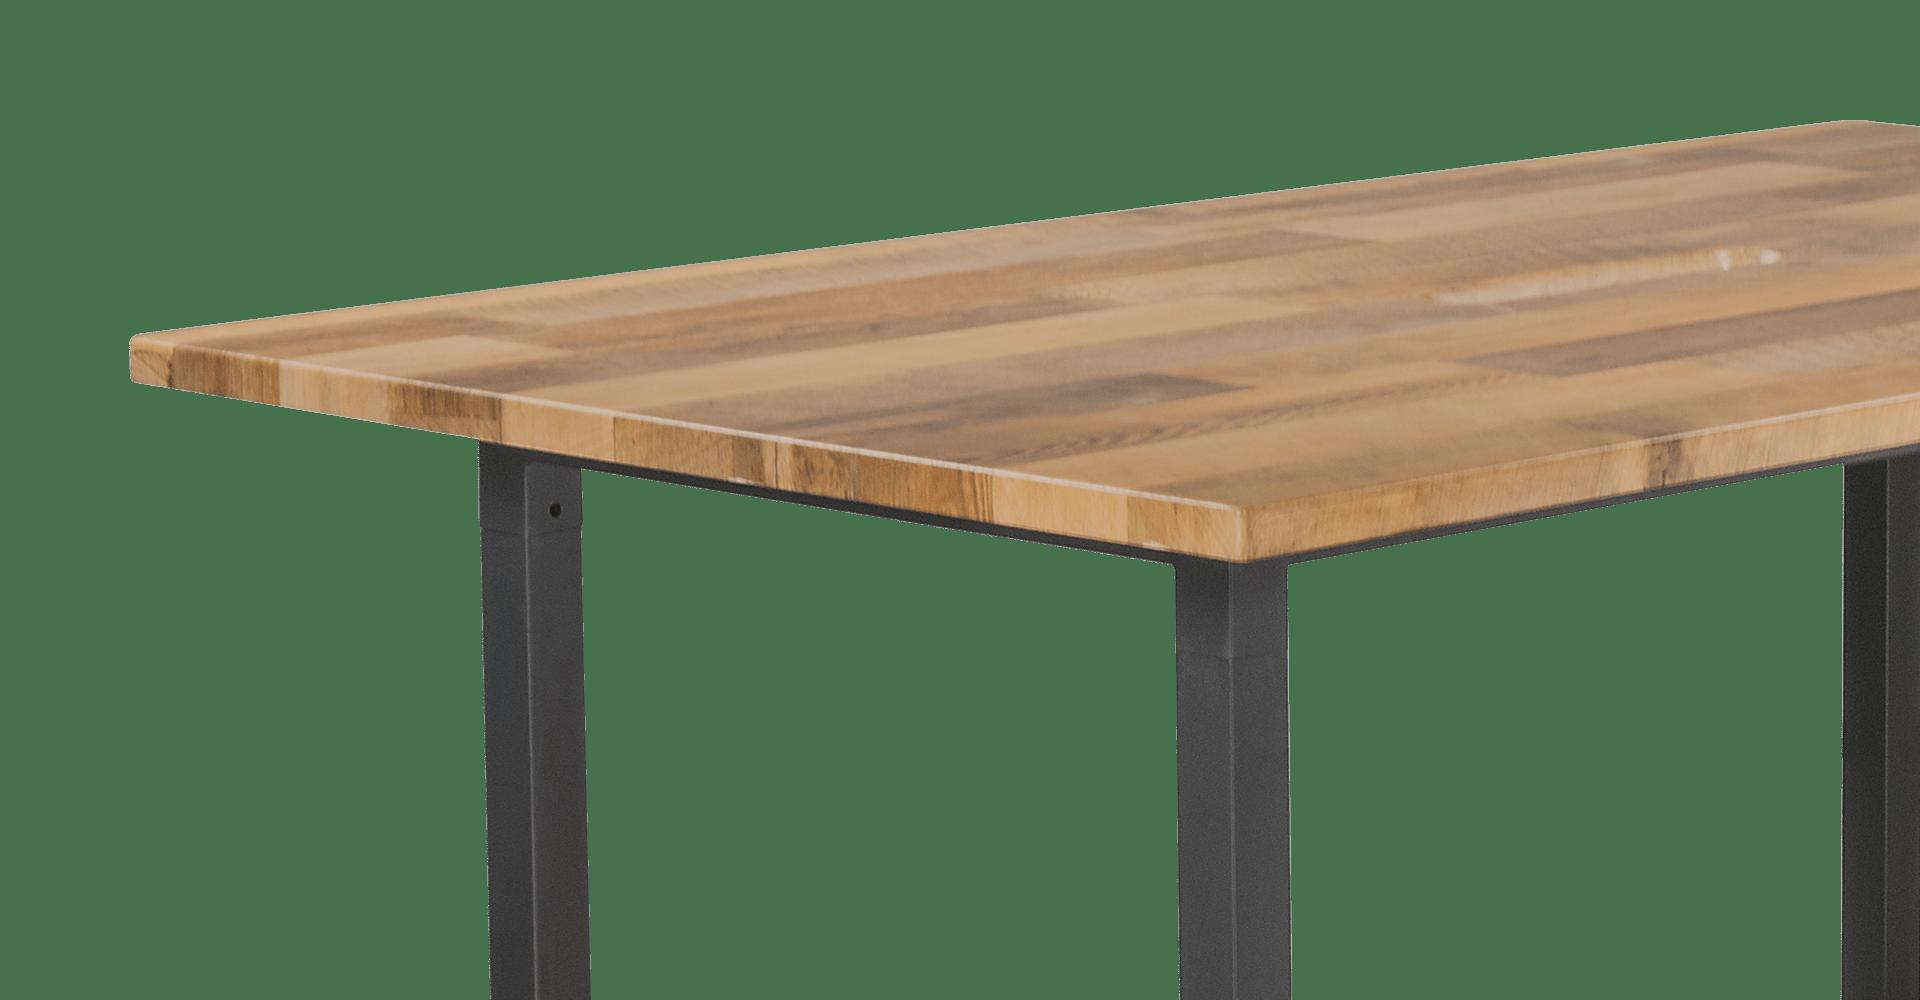 Shop Tables   Office Furniture Desks & Tables   Vari®